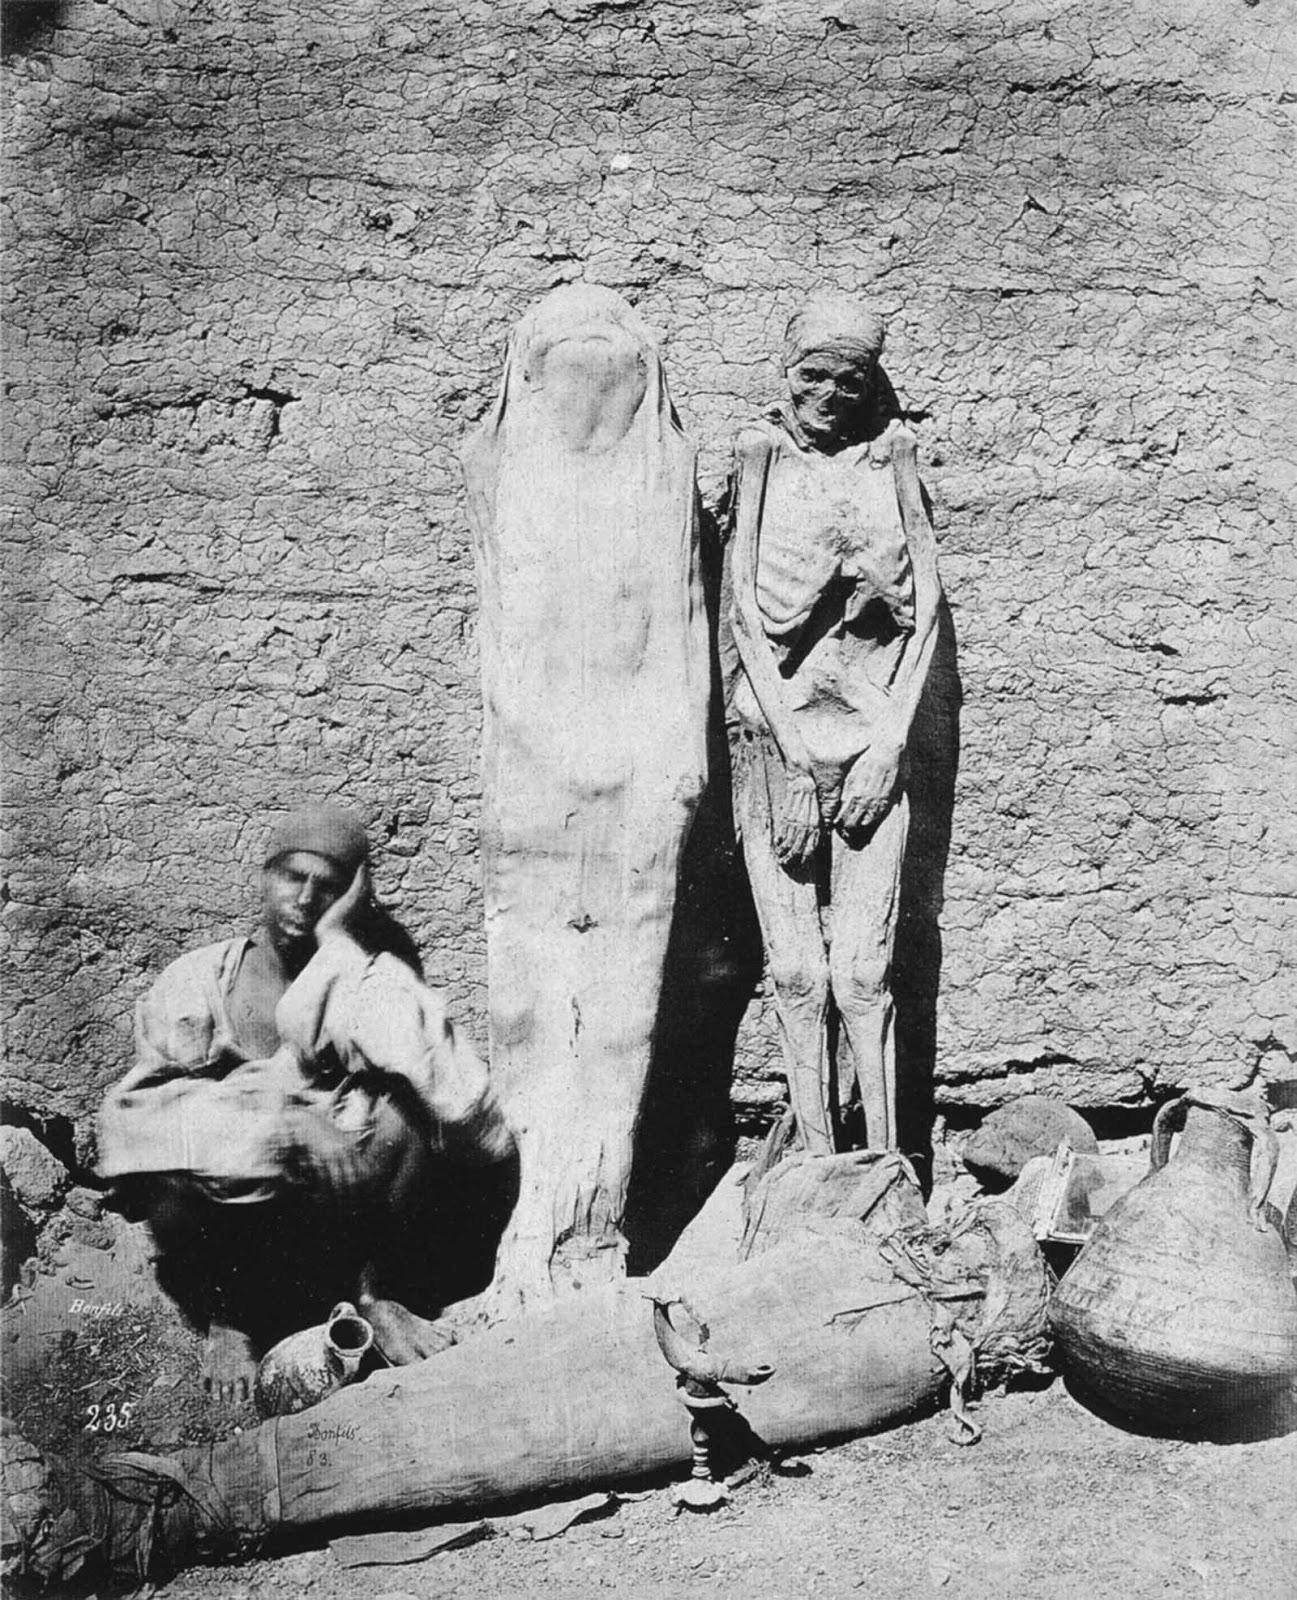 Des vendeurs de rue vendent des momies en Egypte, 1865